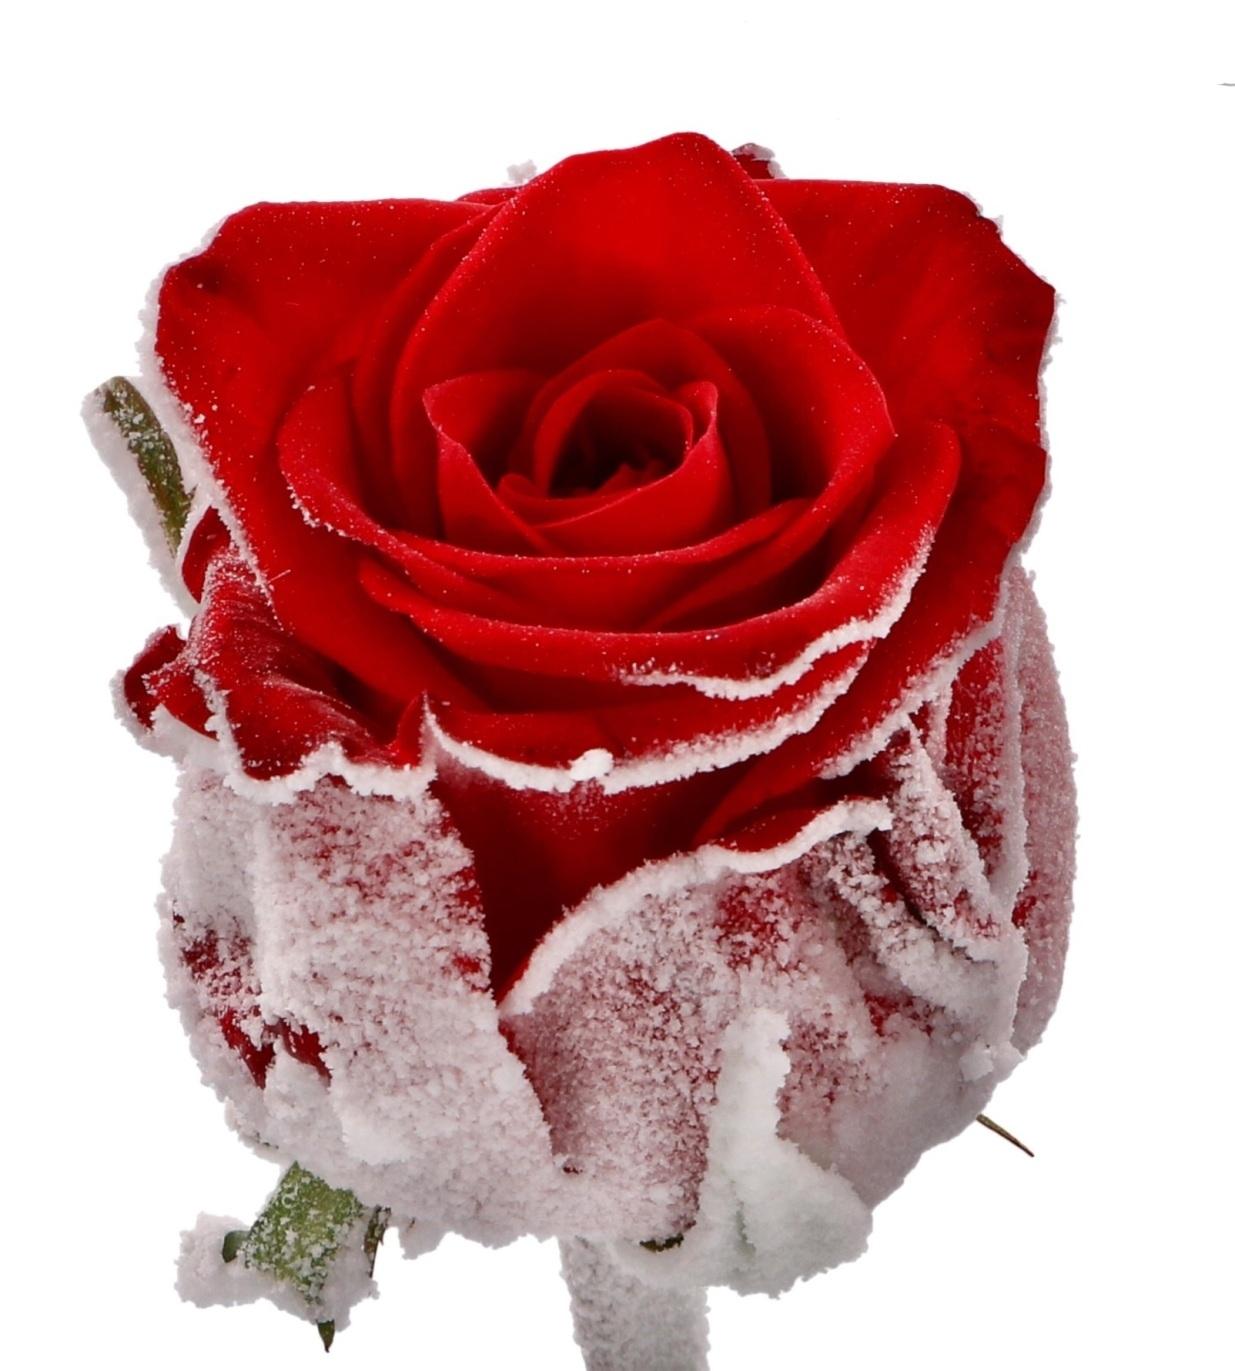 Roses longues tiges à gros boutons rouge avec de la neige